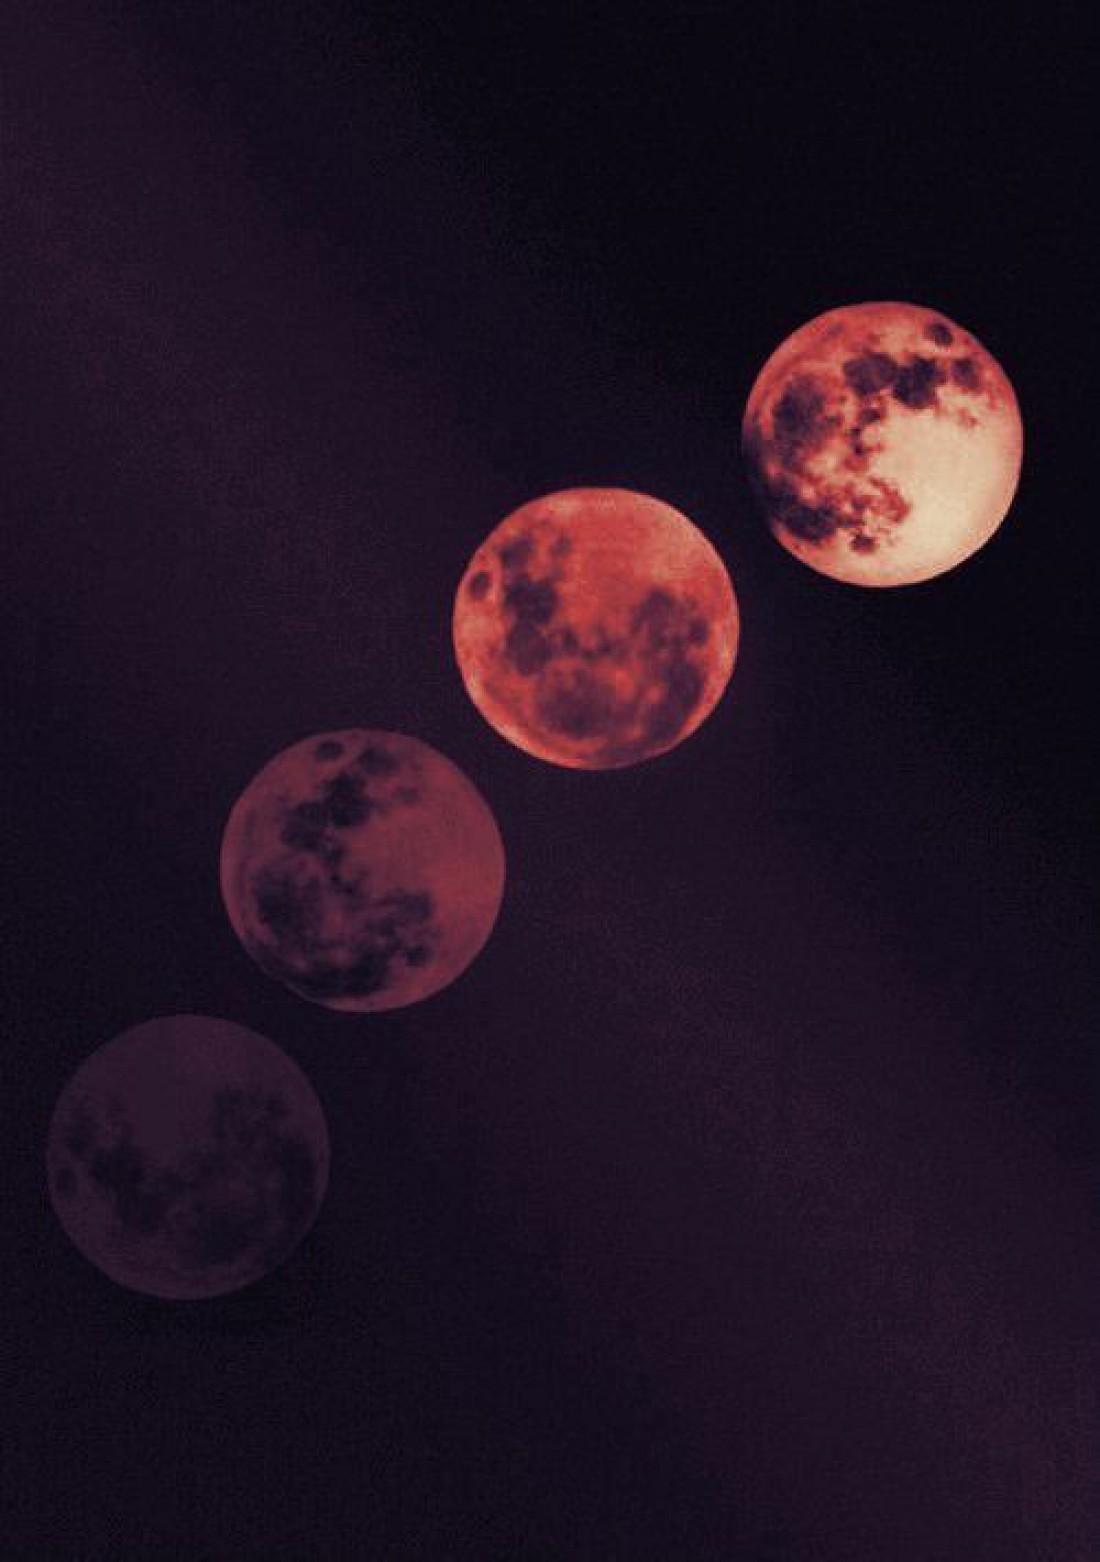 Розовая Луна: дата и значение апрельского суперлуния